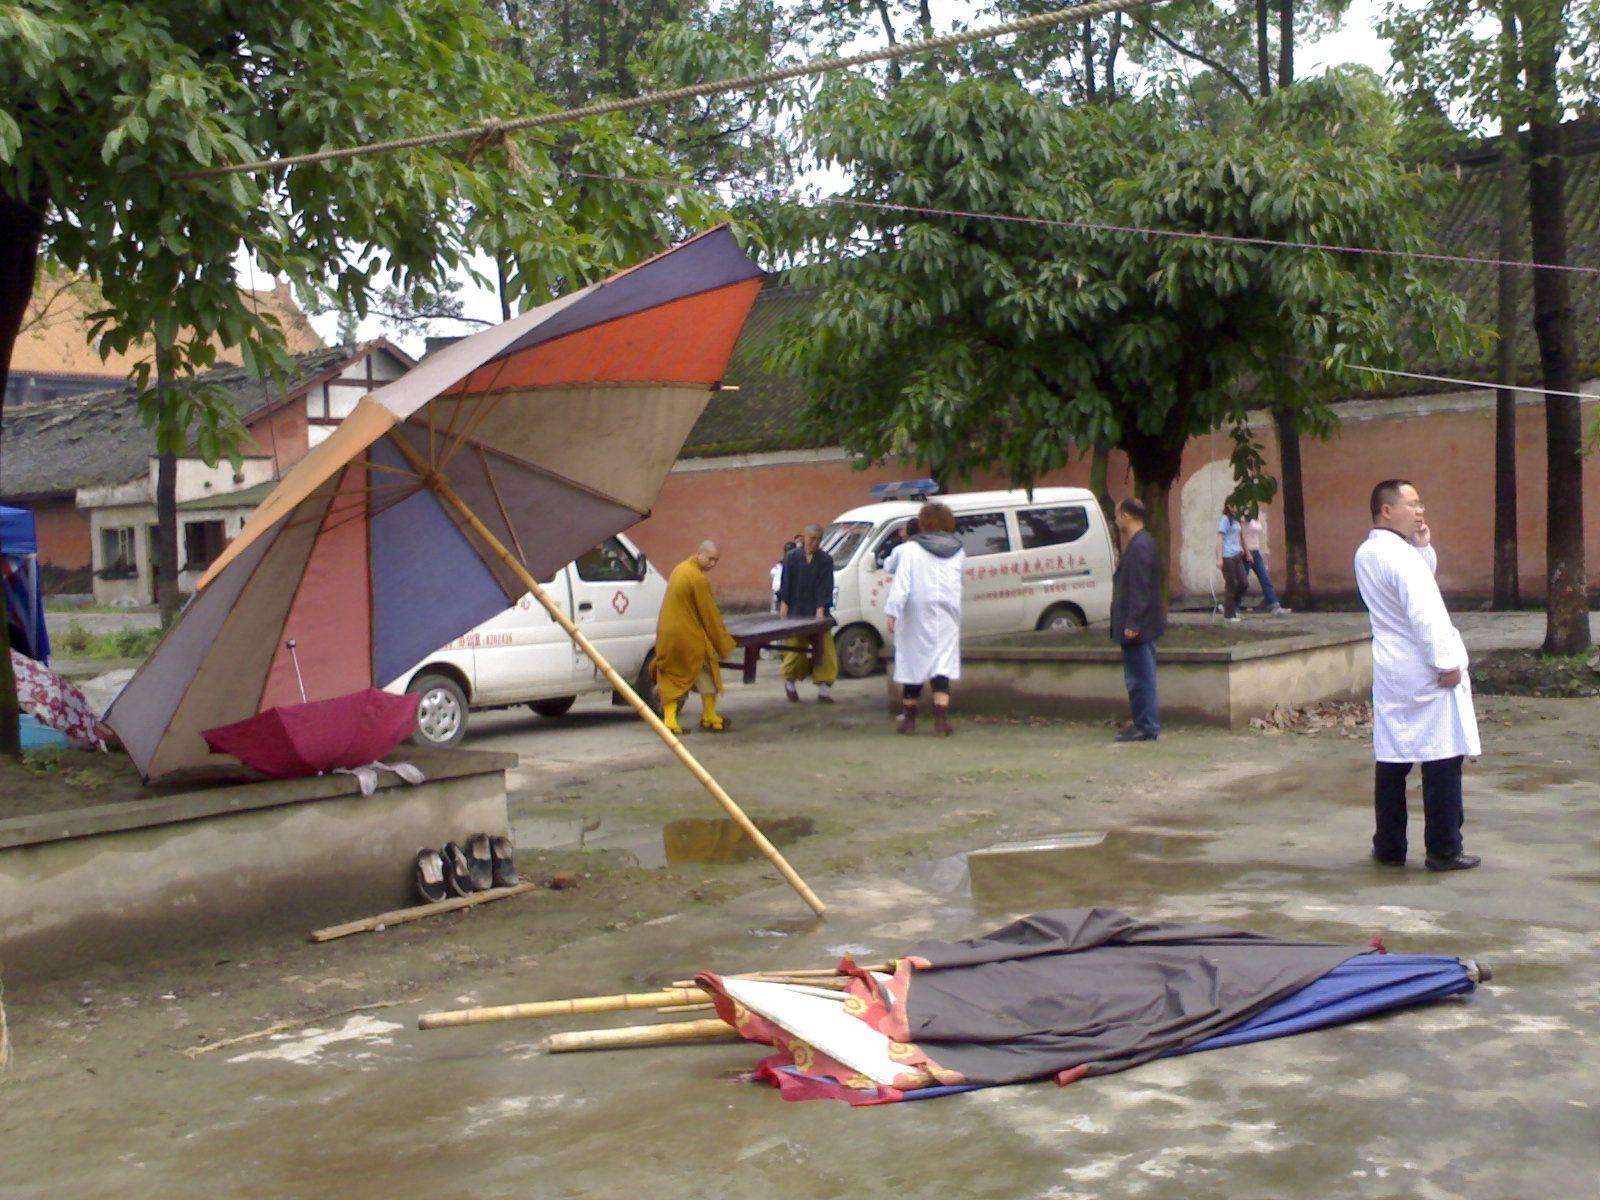 汶川地震震后第二天,罗汉寺的僧人协助妇幼保健院搭建临时手术室。翟秋榕 摄